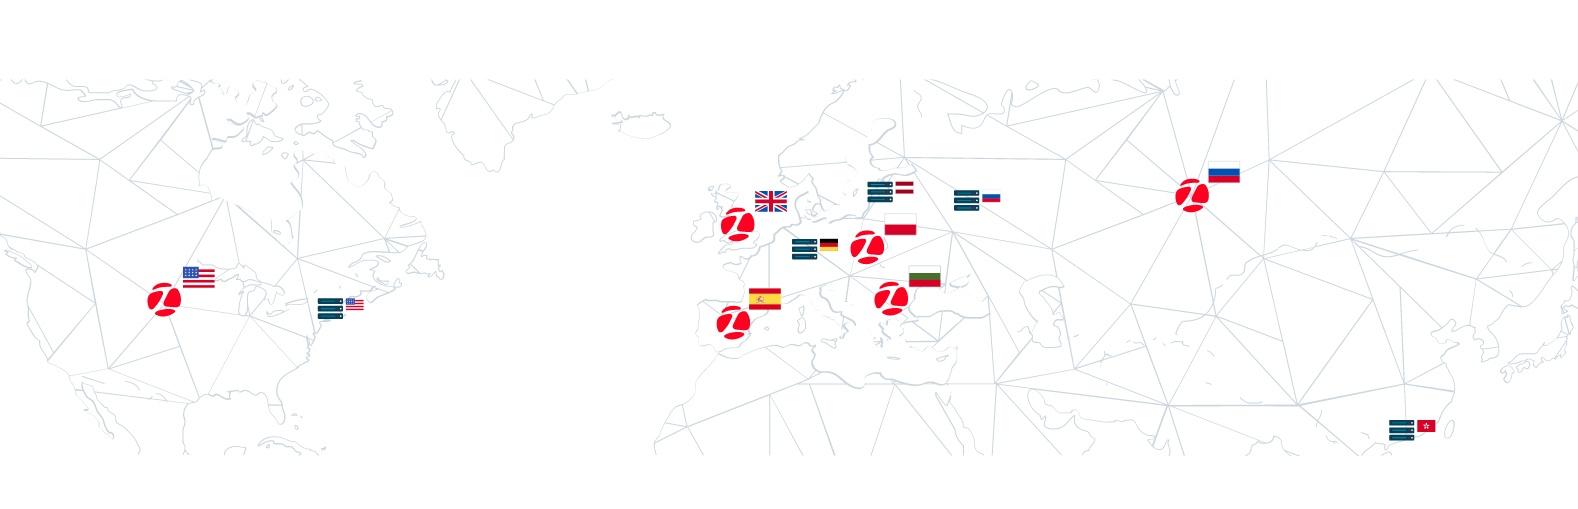 Zadarma работает по всему миру